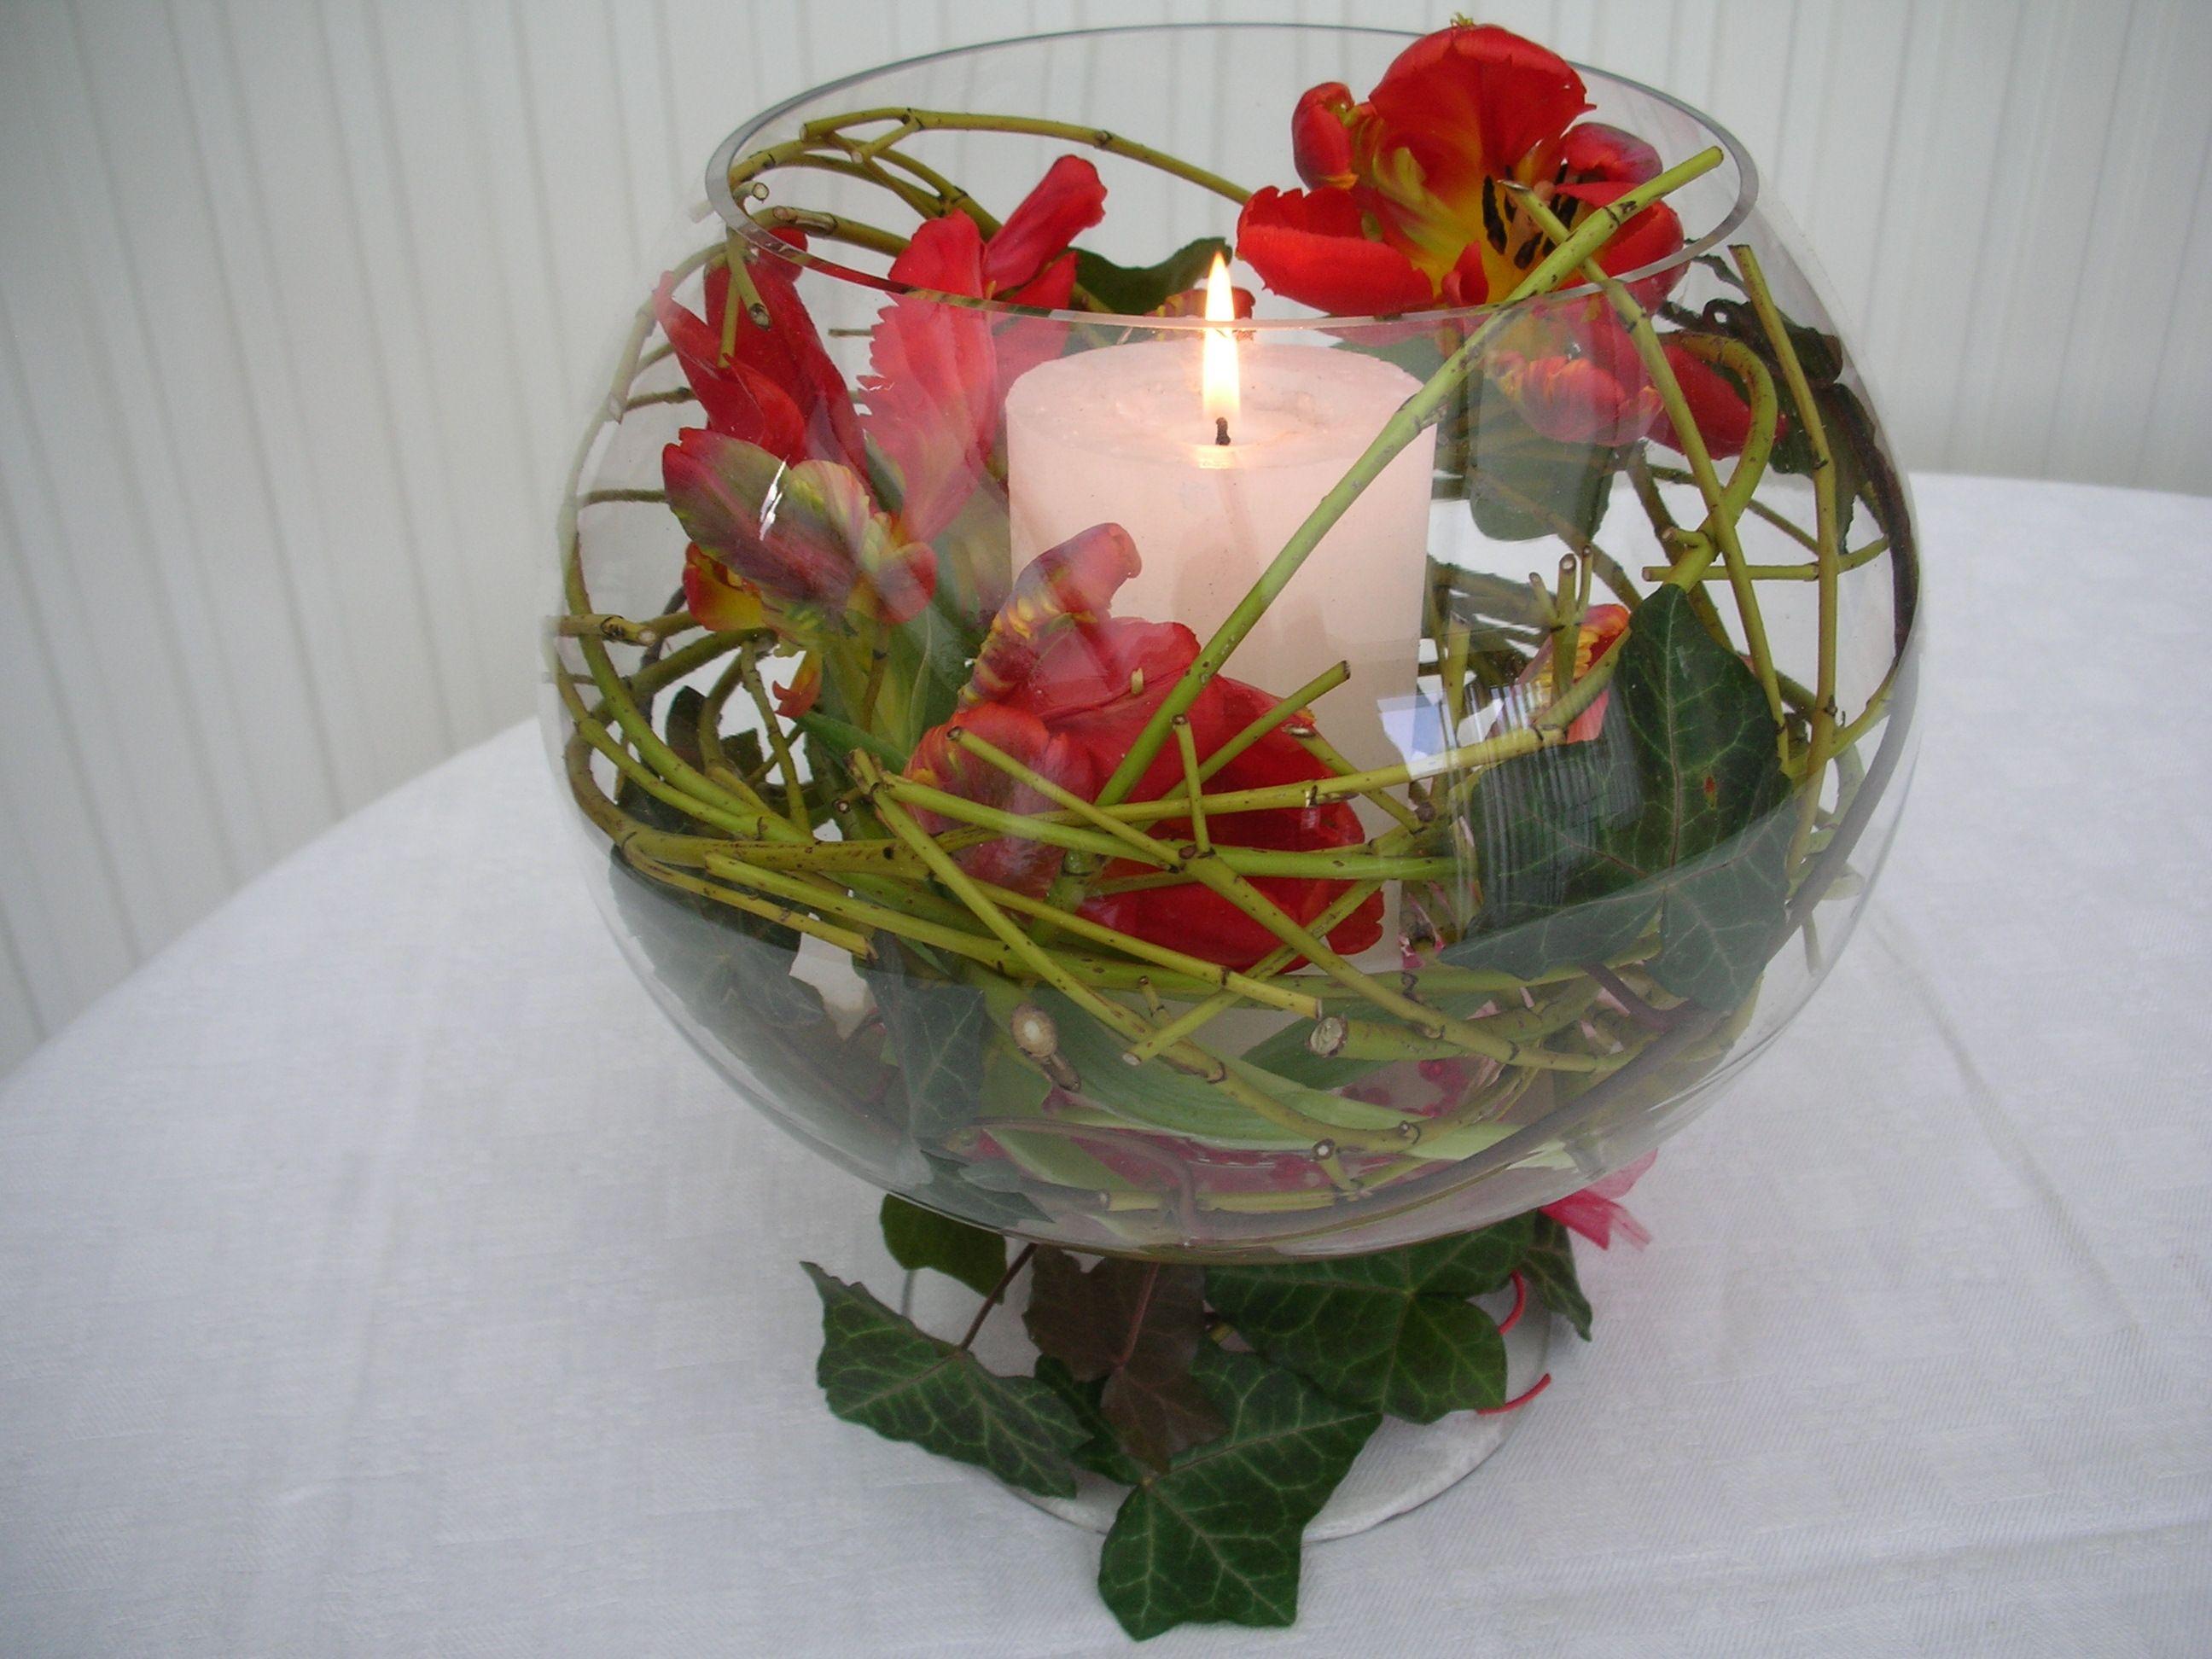 d coration florale de table tutoriel composition florale simple r aliser coupe printani re. Black Bedroom Furniture Sets. Home Design Ideas